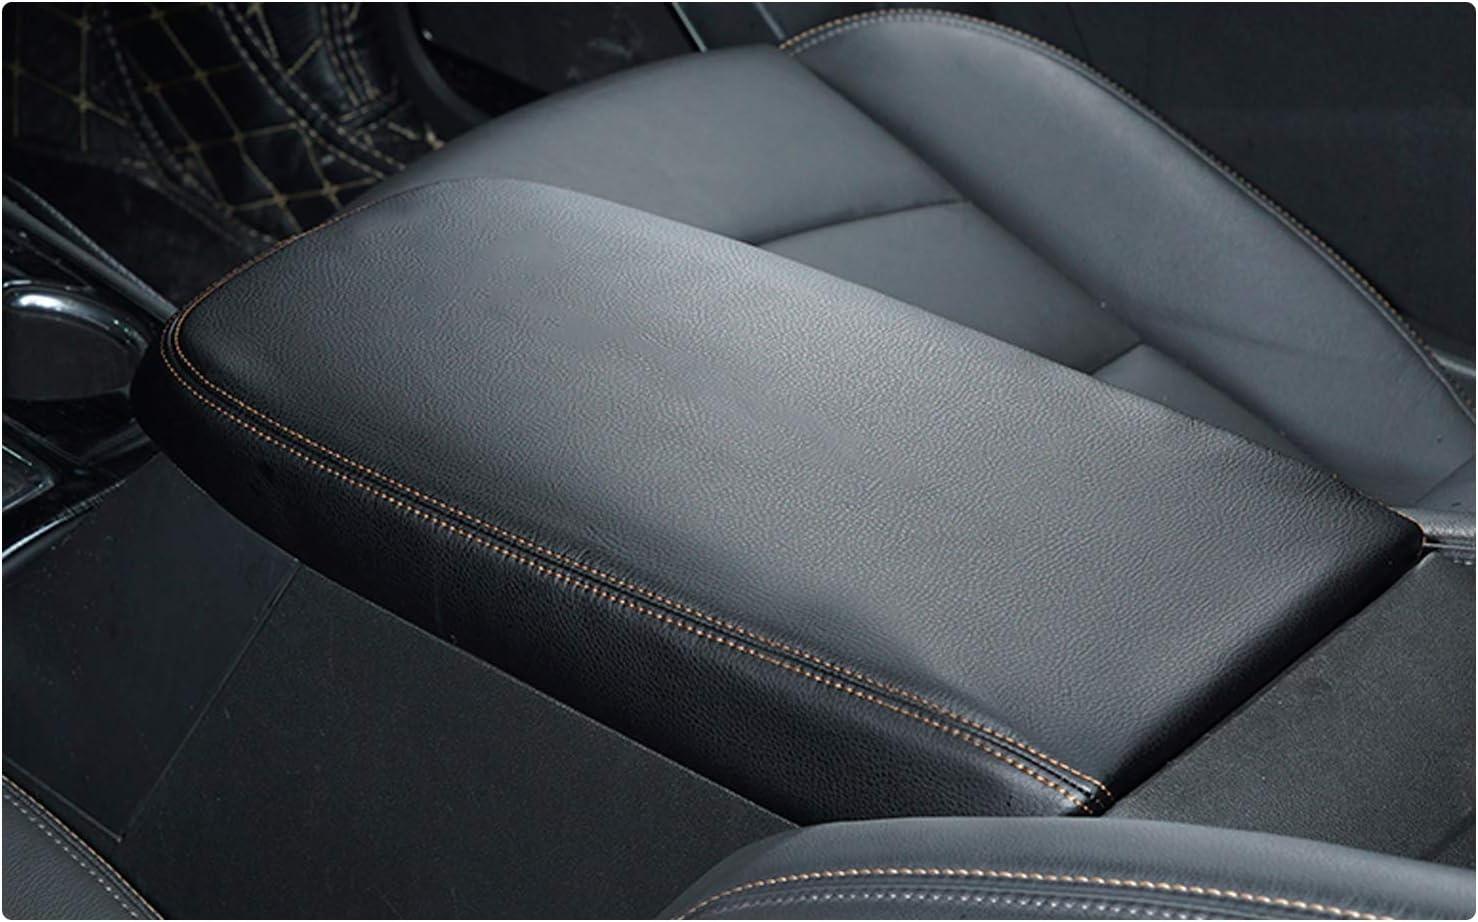 CDEFG f/ür RAV4 2019 Armlehnen Deckel Abdeckung Kratzschutz Mittelkonsole Kunstleder Armlehne Box Cover Auto Interieur Zubeh/ör Carbon fiber